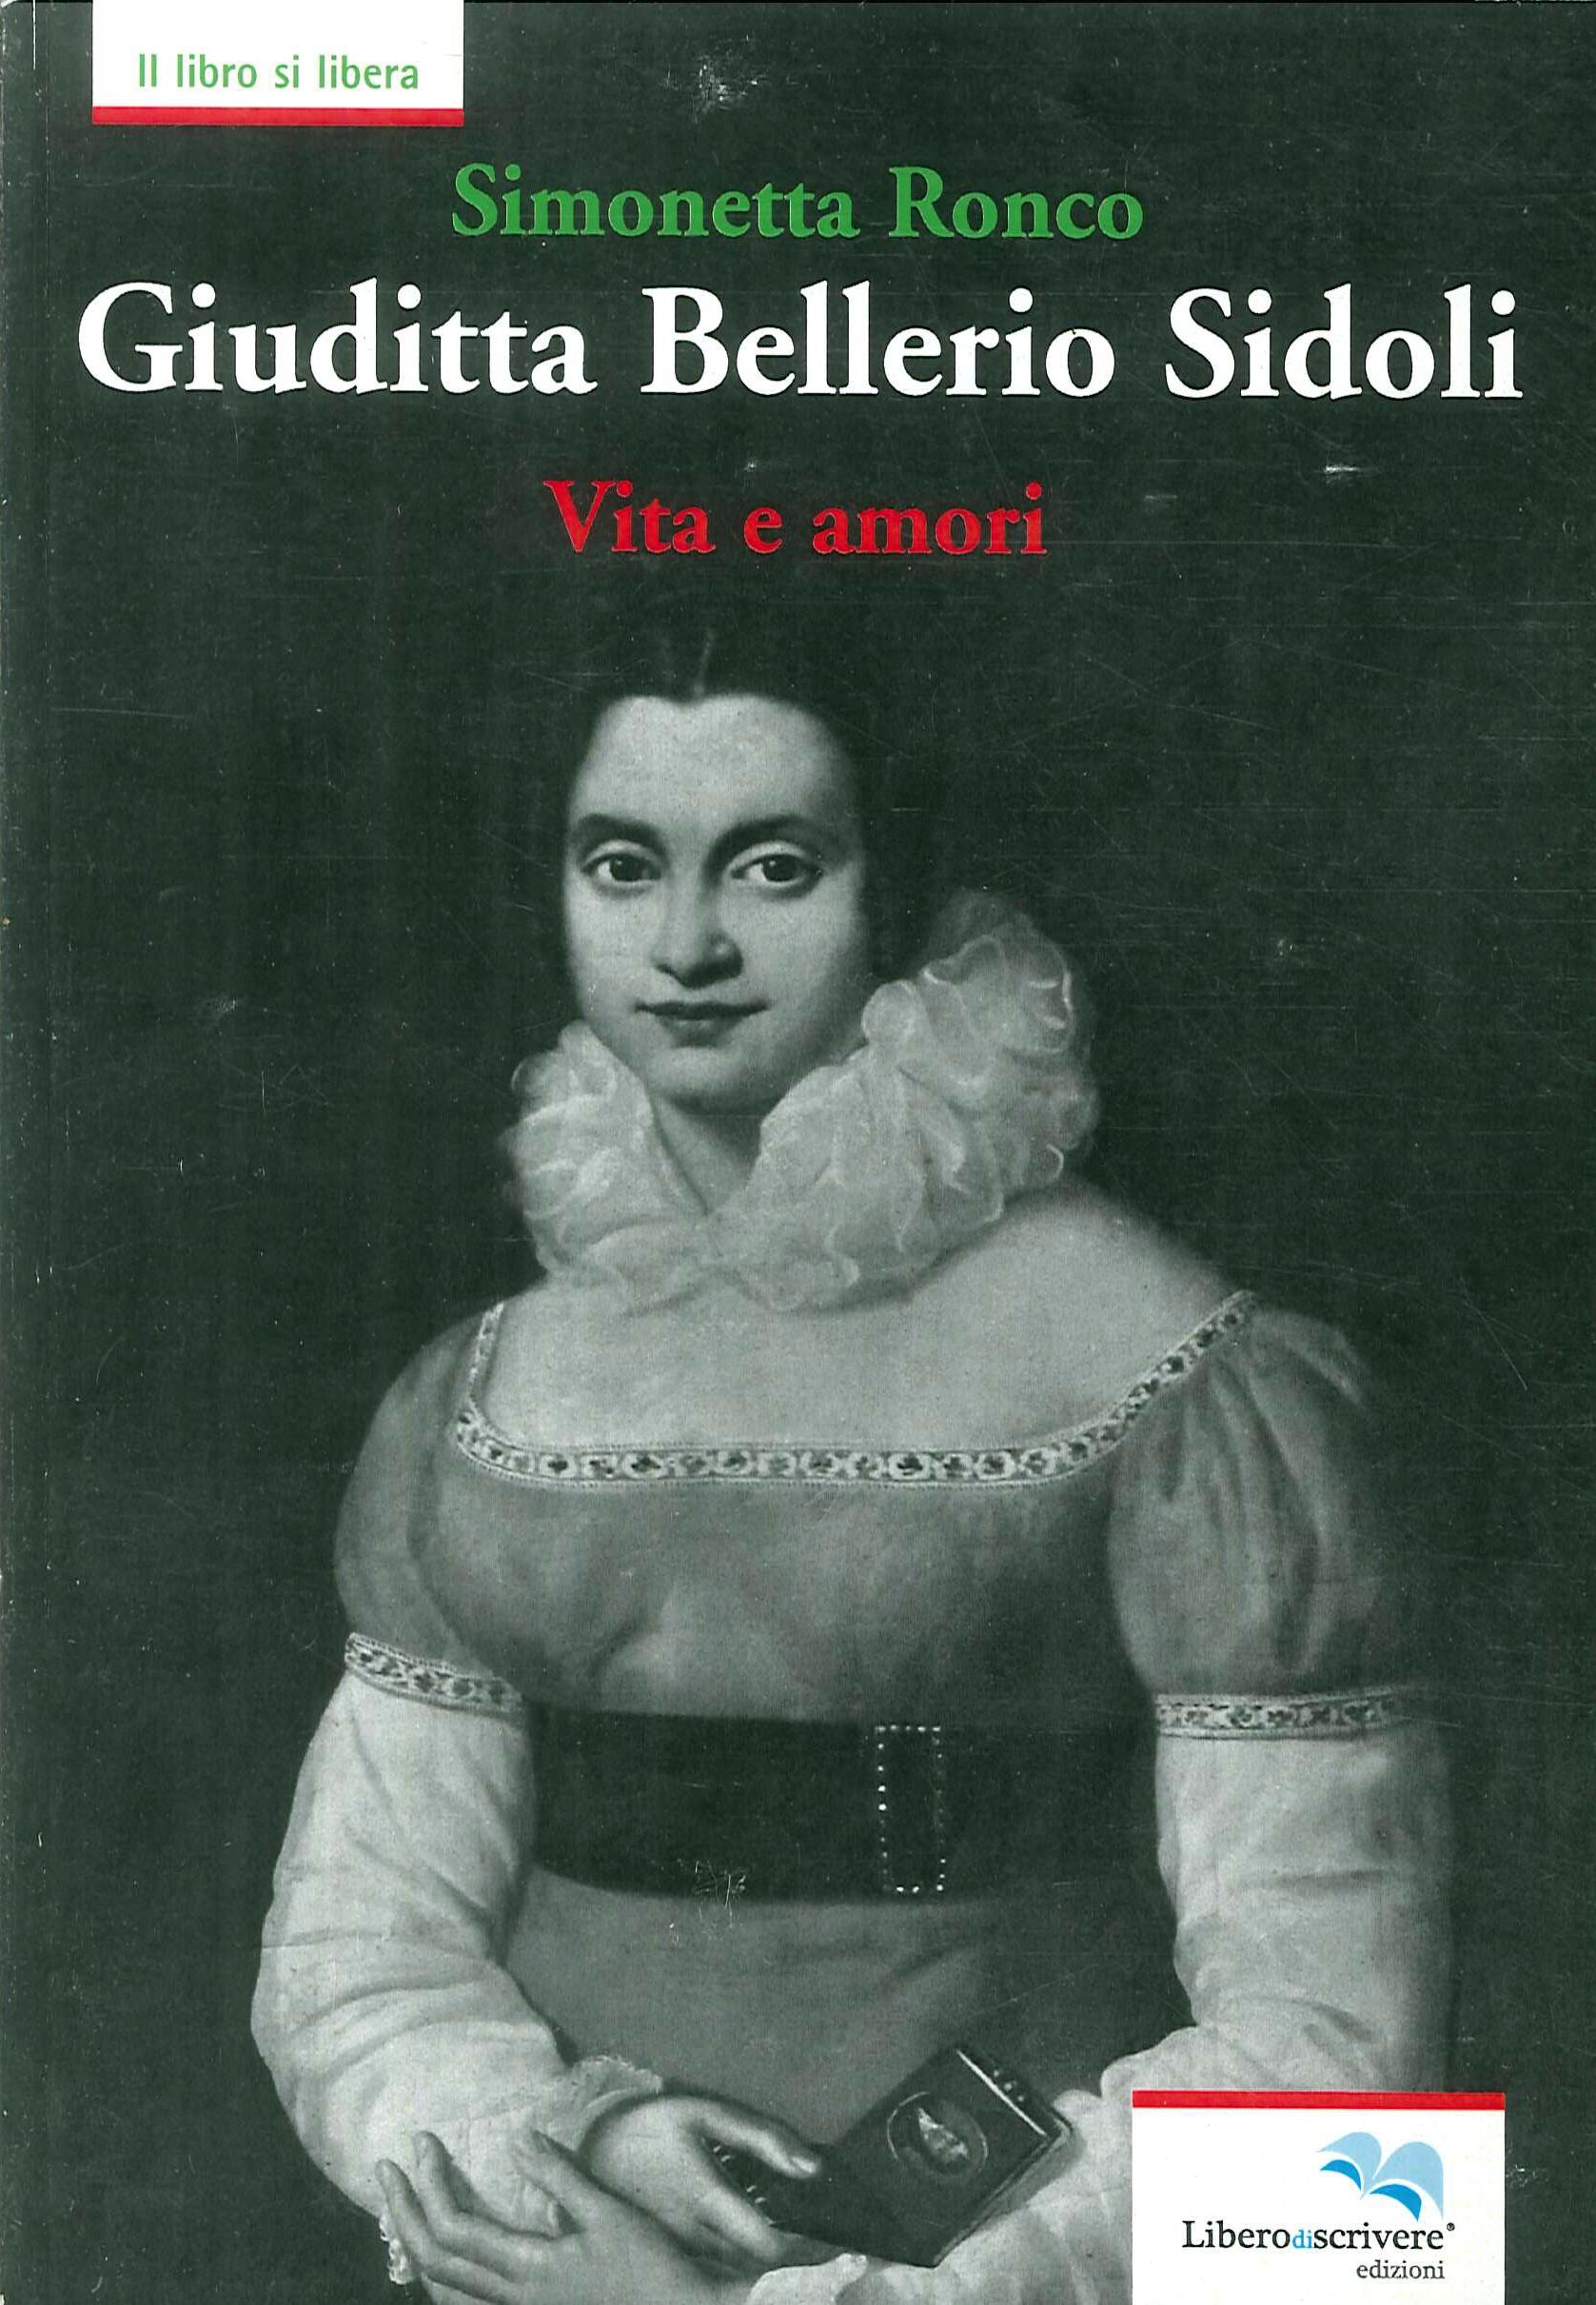 Giuditta Bellerio Sidoli. Vita e amori